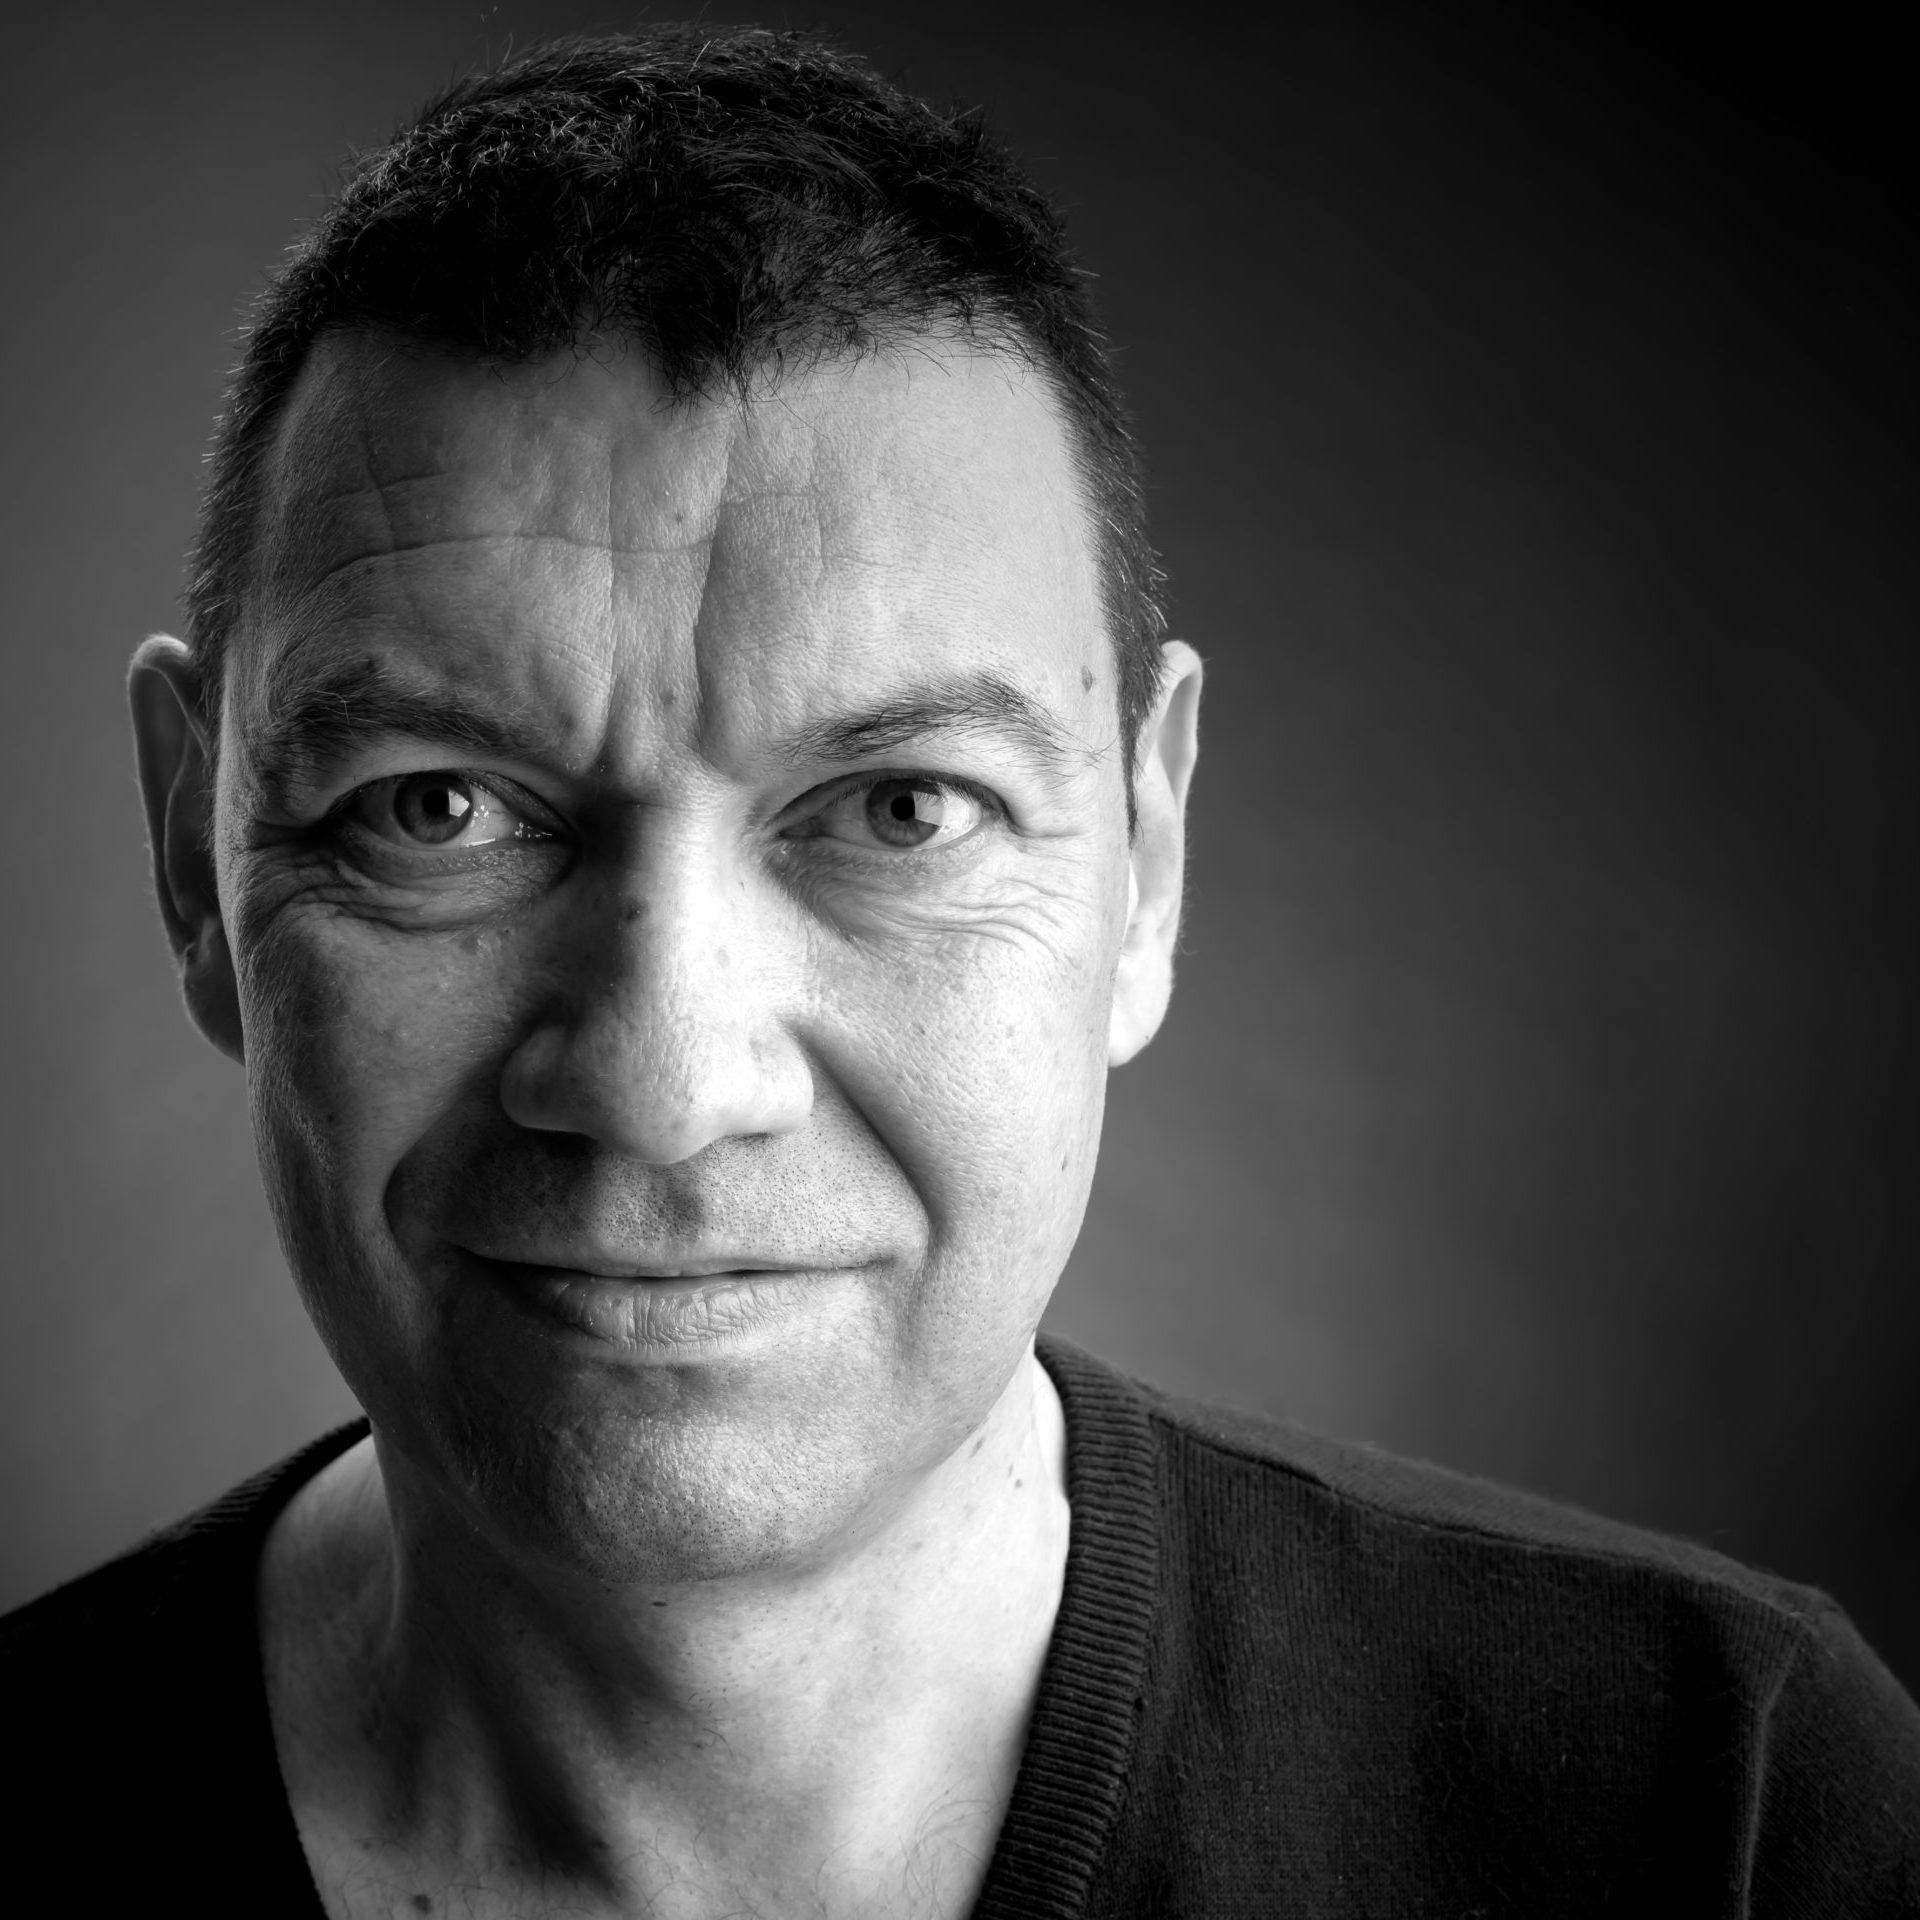 Photographe - Frédéric Sicard